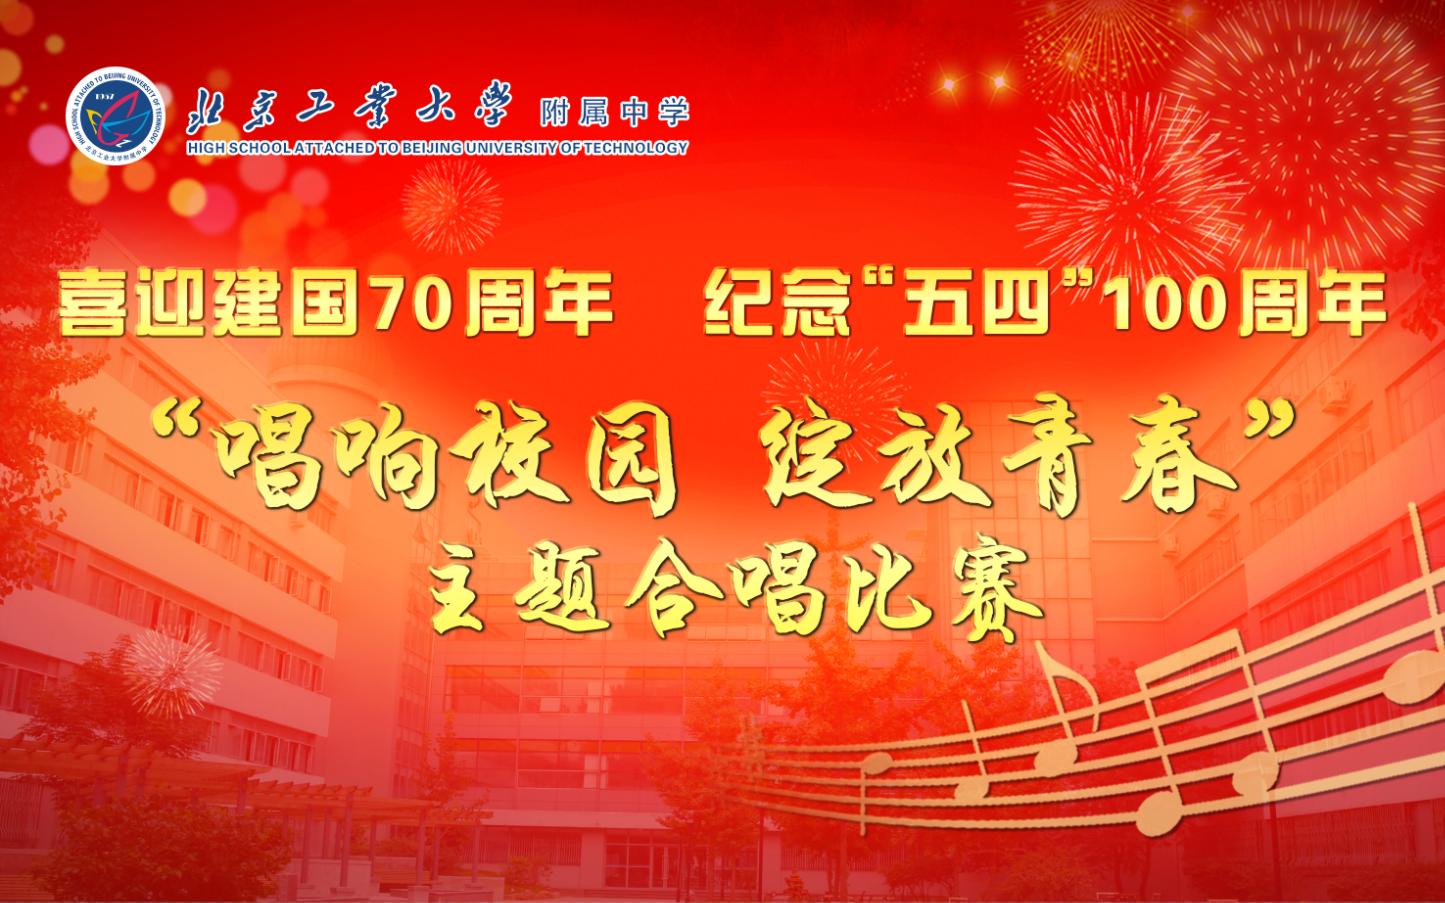 """工大附中高中部举办""""唱响校园 绽放青春""""主题合唱节活动"""